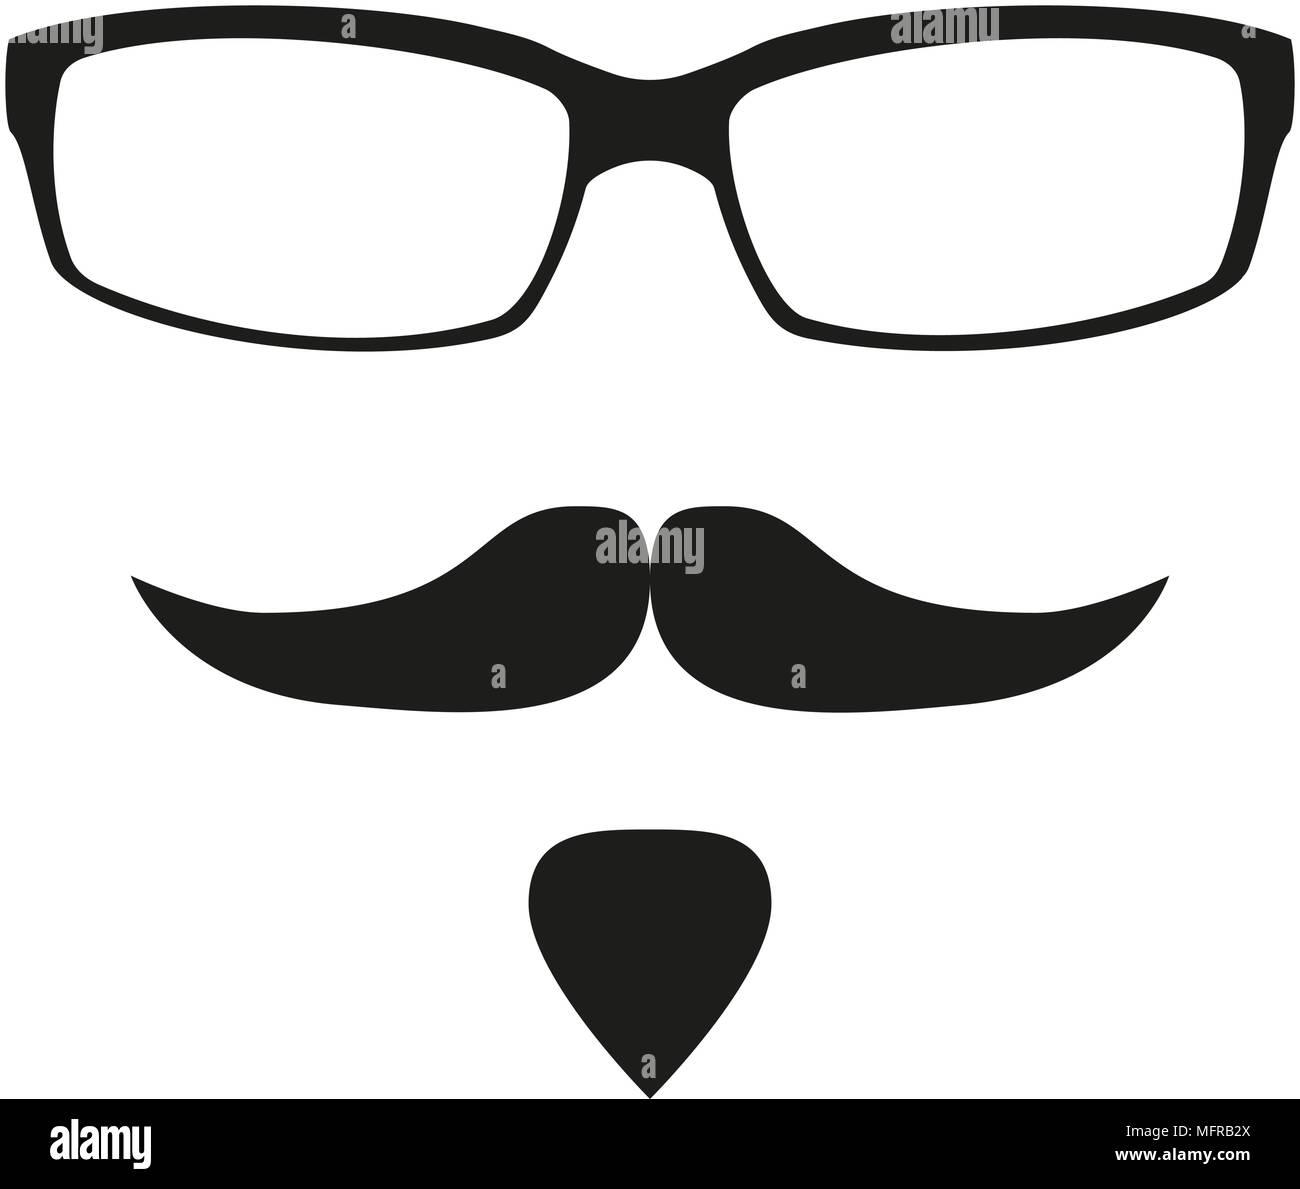 Noir Blanc Et Avatar Lunettes AnonymeSilhouette Moustache Barbe BrCxeod